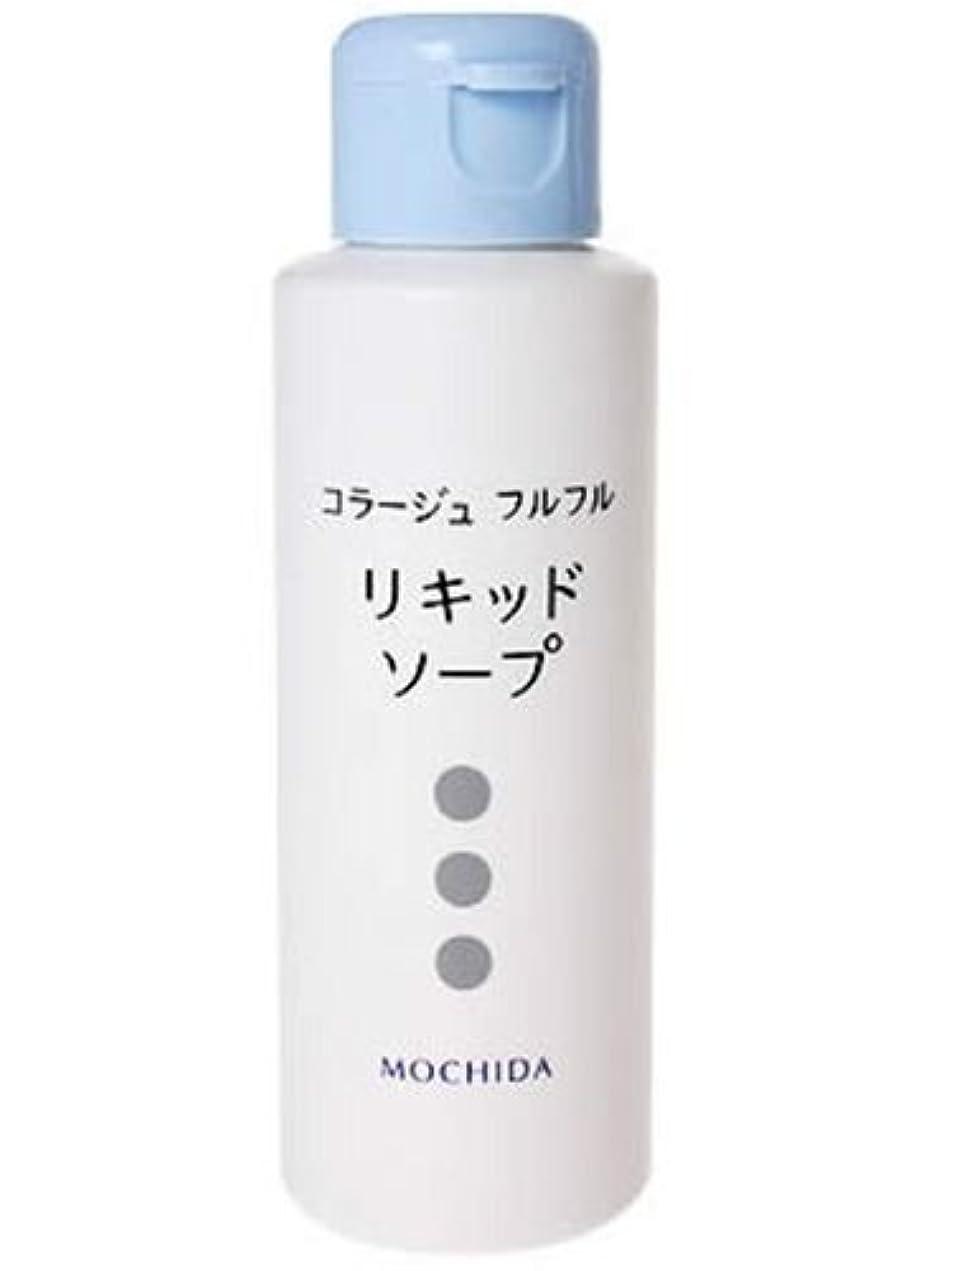 メイエラヒット本質的ではないコラージュフルフル液体石鹸(100ml)